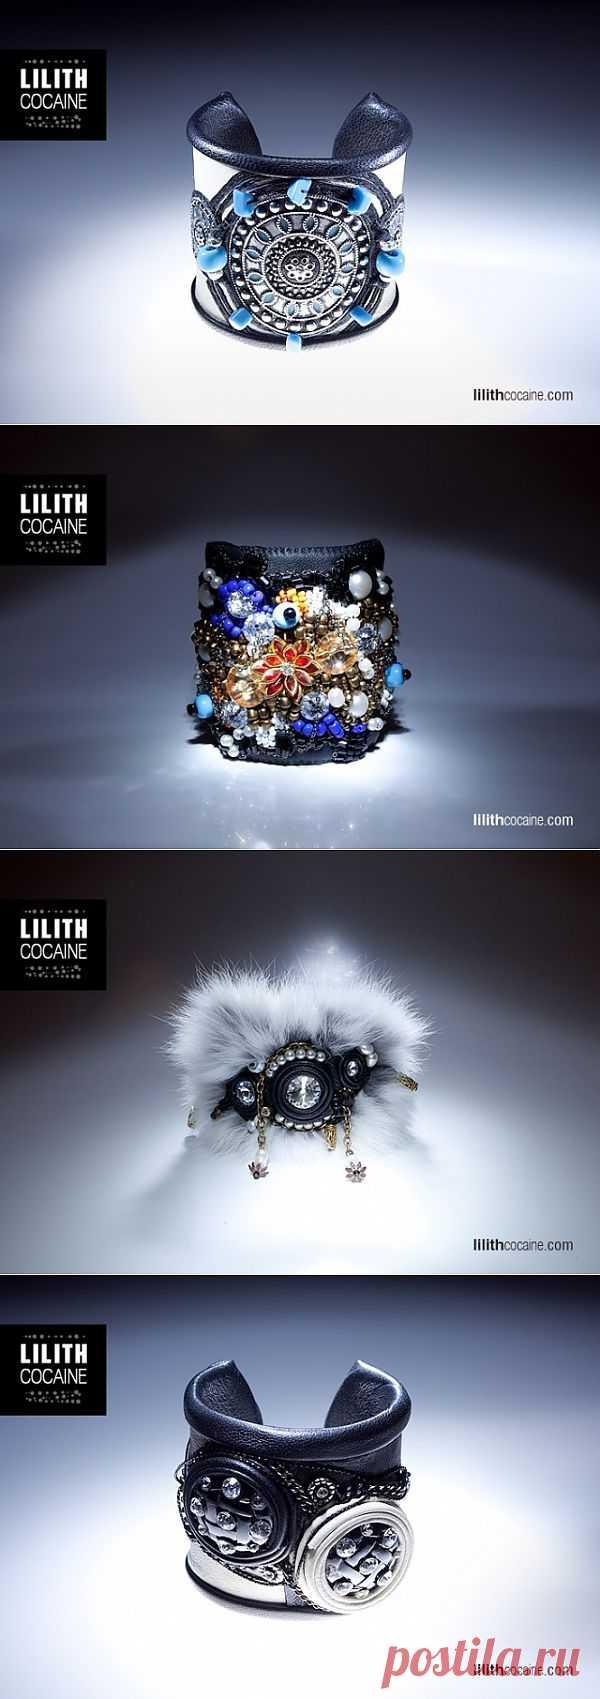 Браслеты ручной работы от Lilith Cocaine (подборка) / Украшения и бижутерия / Модный сайт о стильной переделке одежды и интерьера